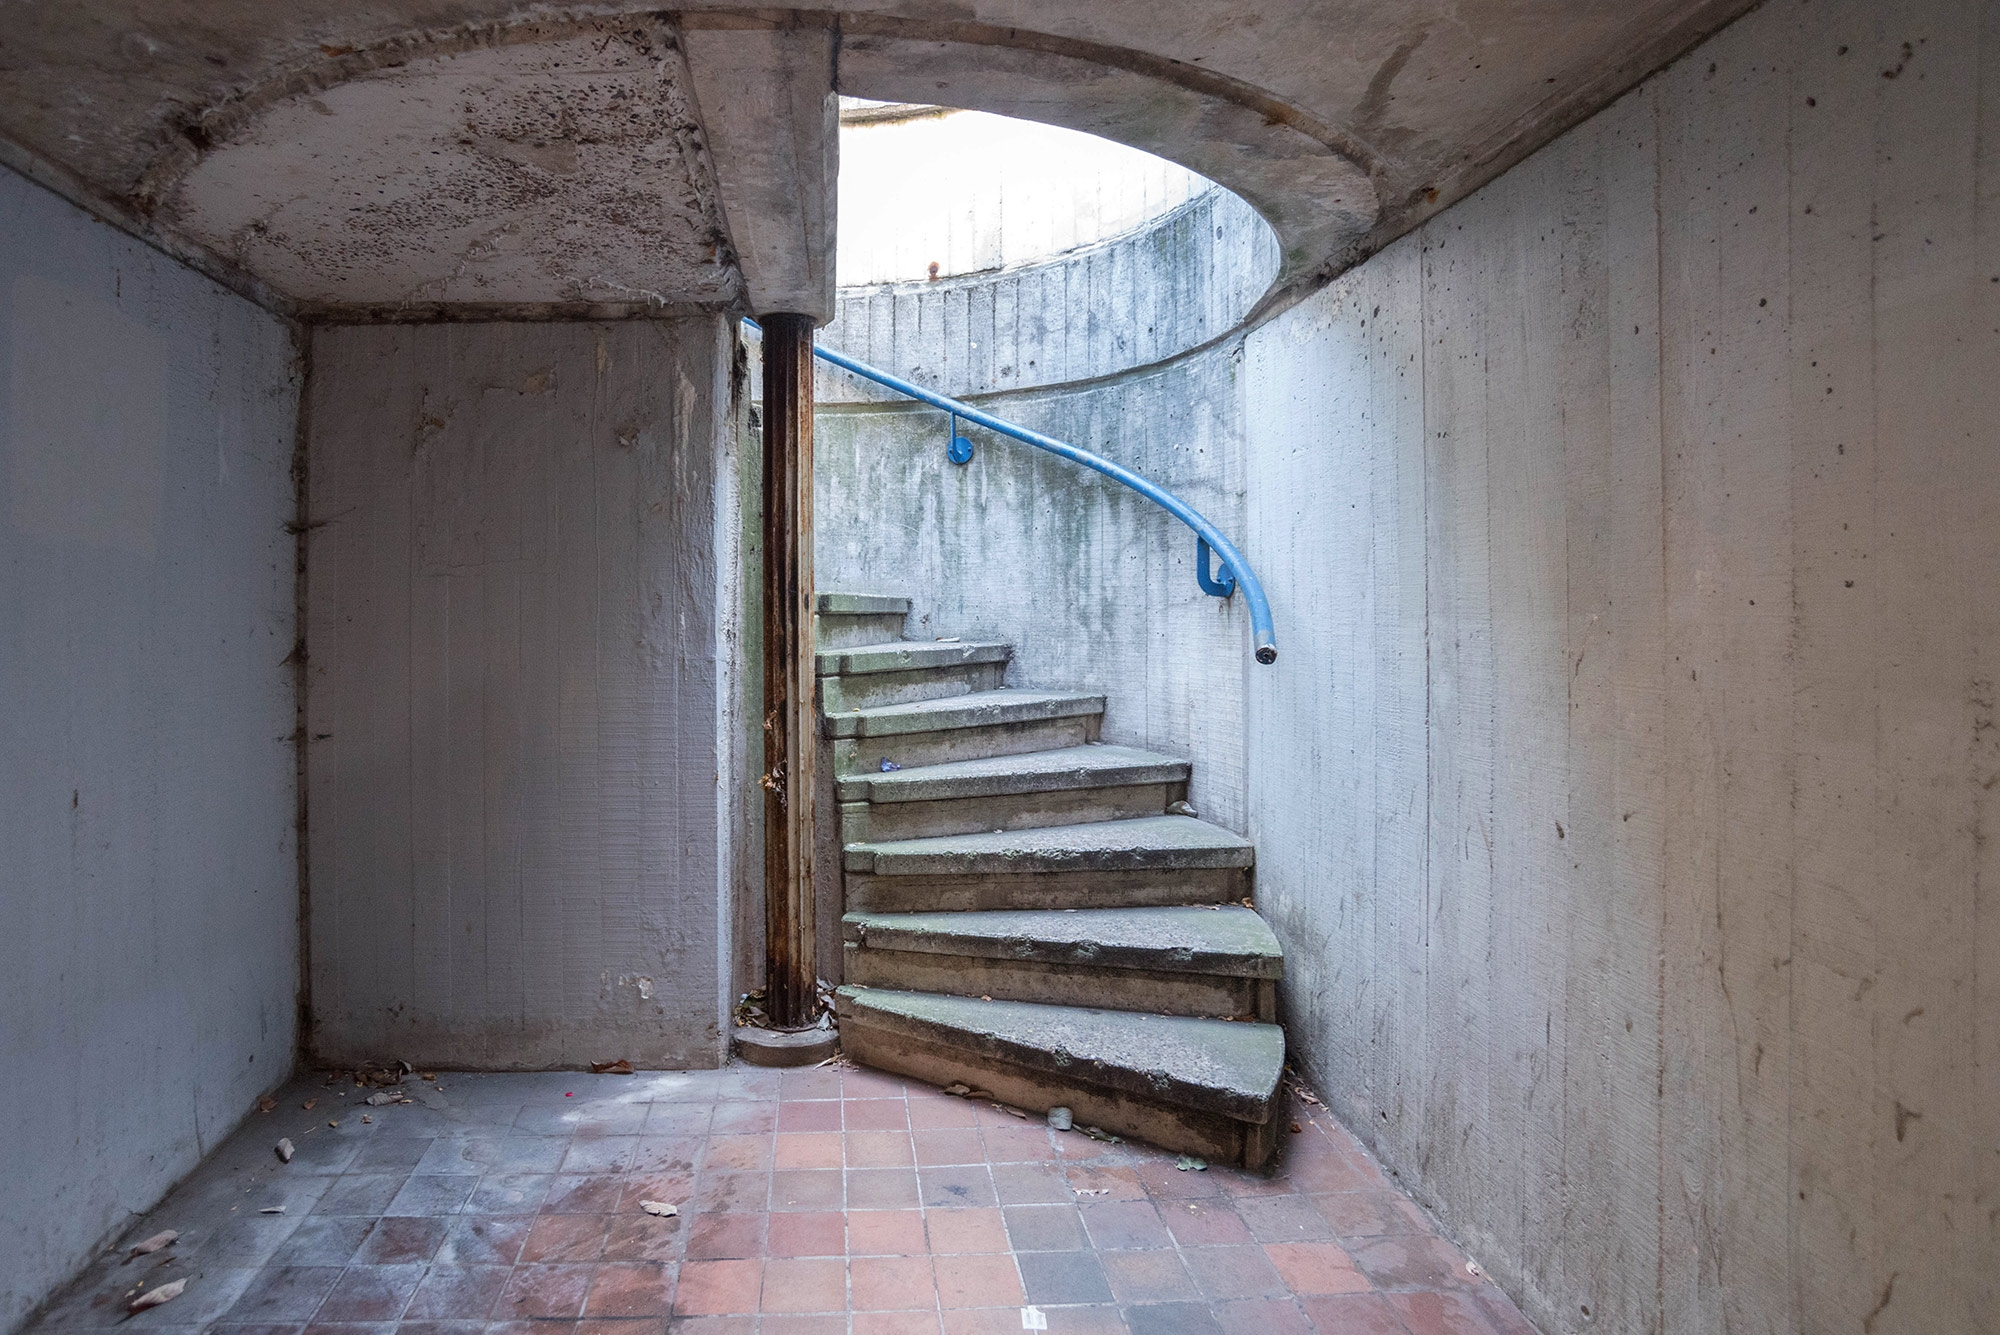 Brutal - concrete, brutalism - 100realpeople | ello